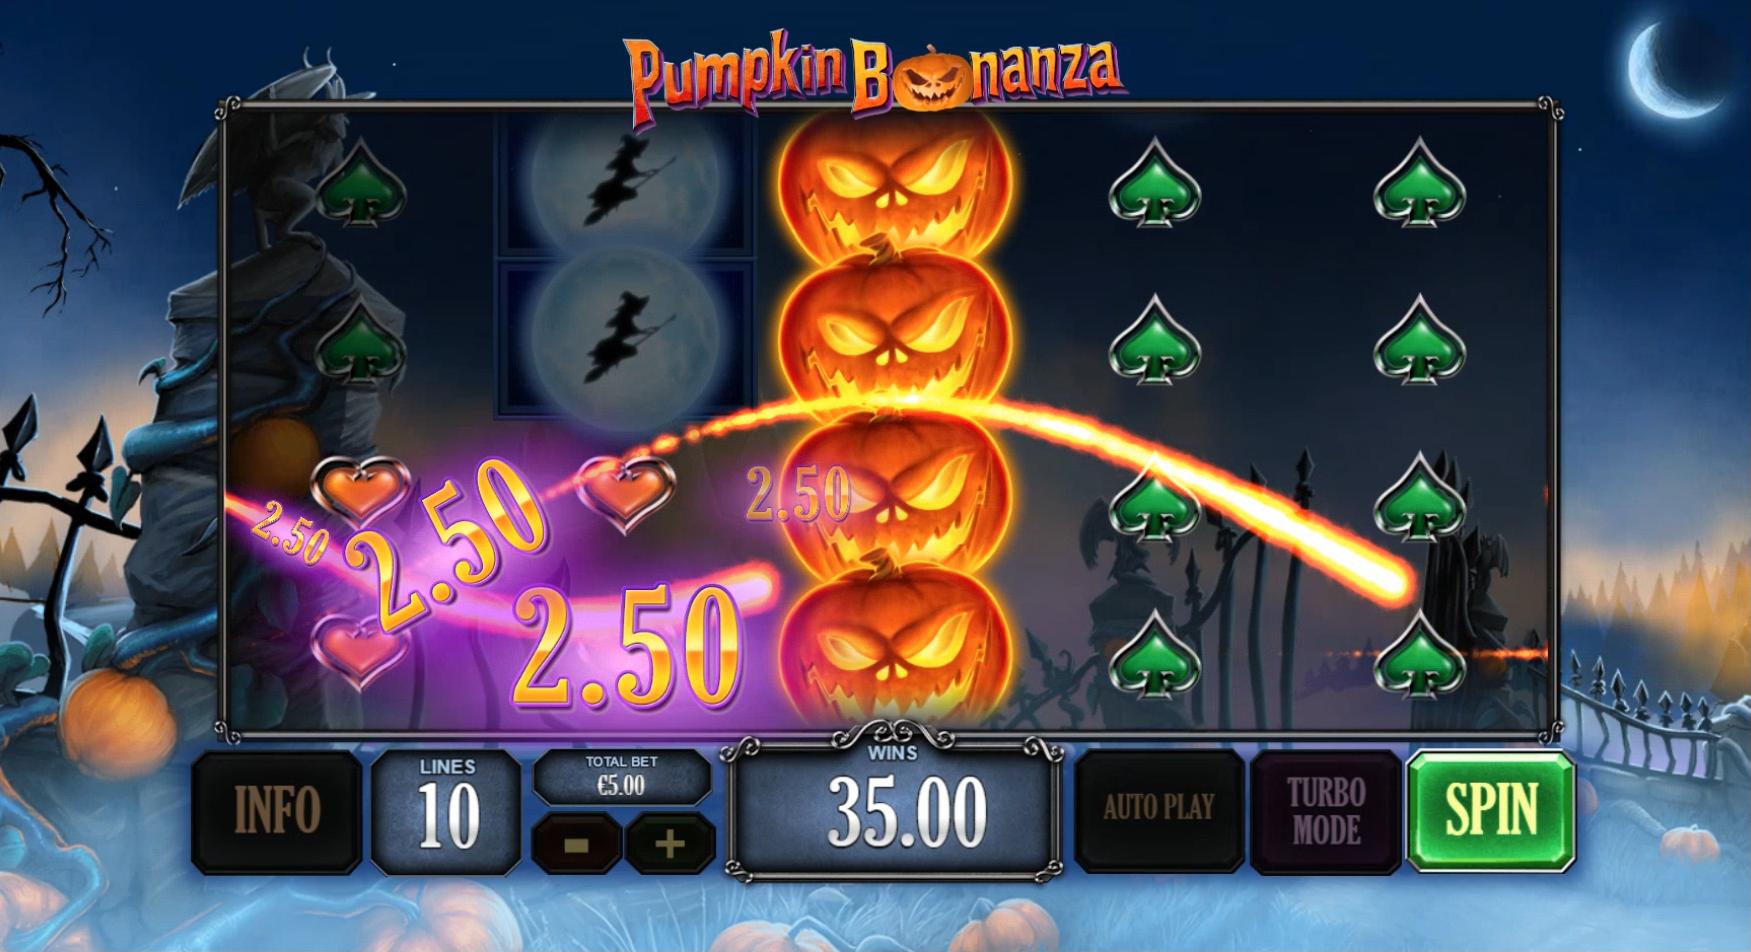 Playtech Playtech S Pumpkin Bonanza Halloween Themed Slot And